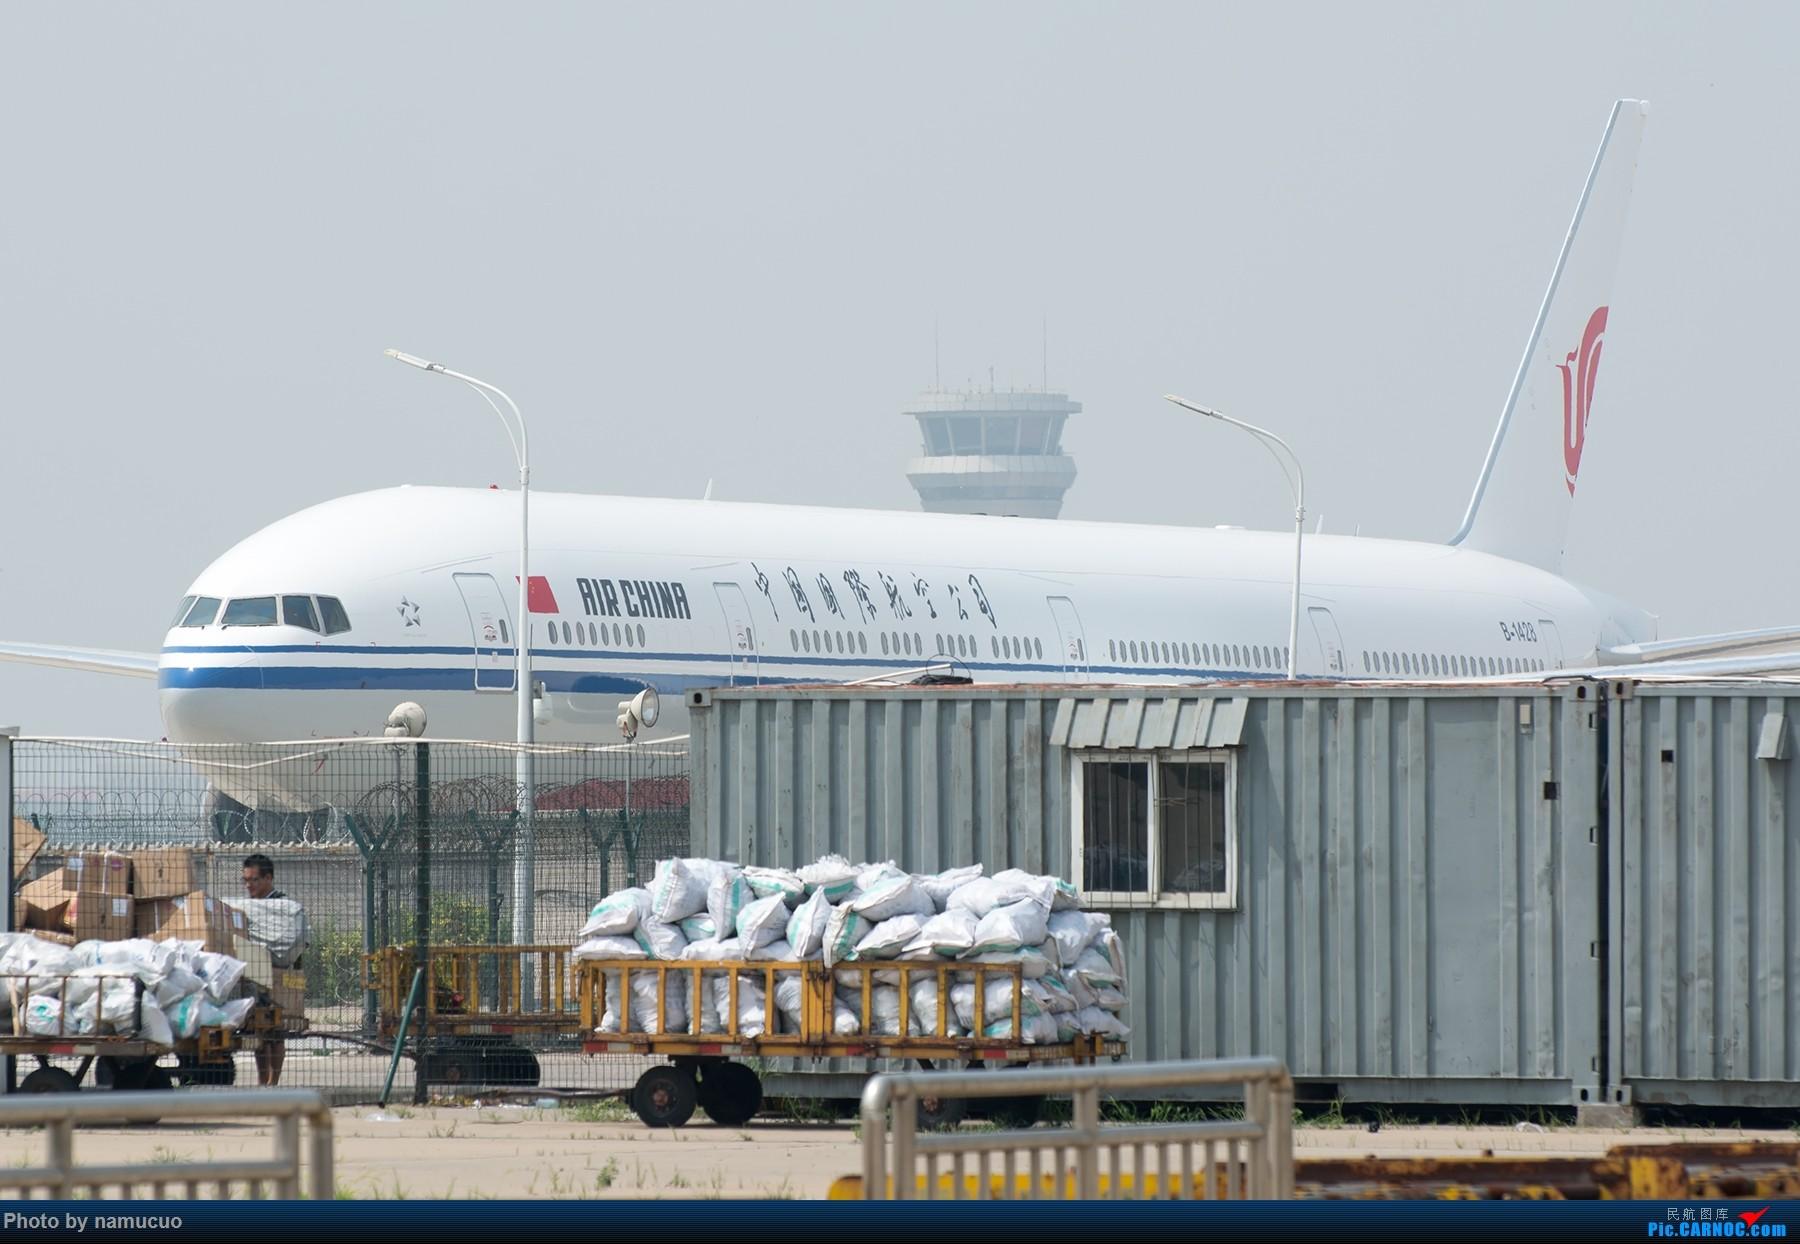 Re:[原创]【TSN】国航B-1428号波音777-300ER,新飞机吗?注册号没查到 BOEING 777-300ER B-1428 天津滨海国际机场